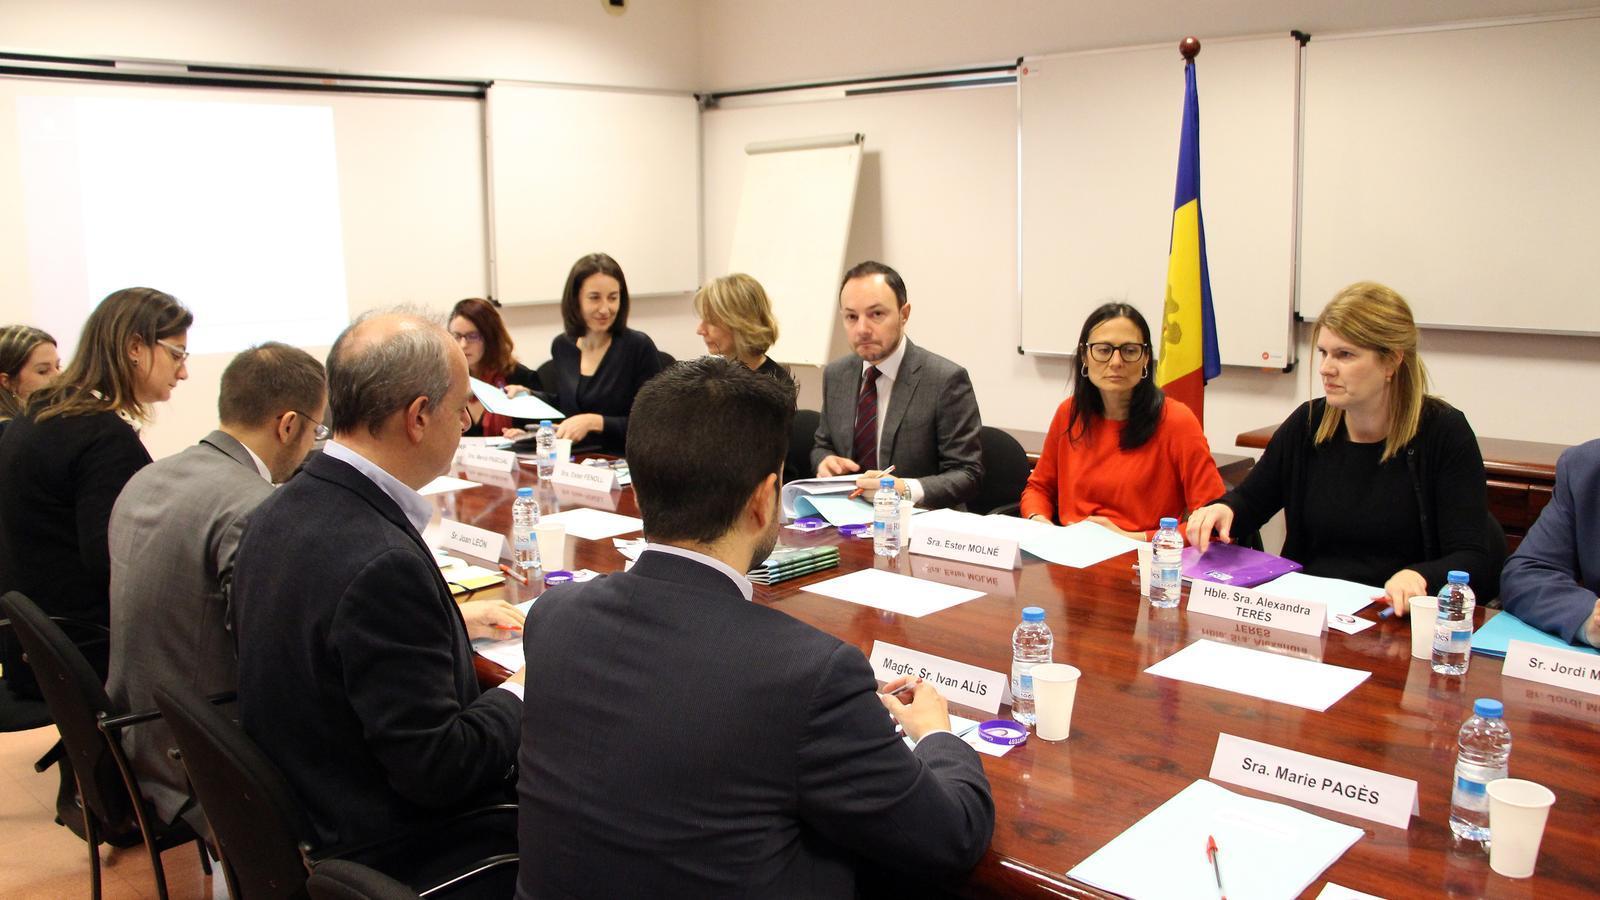 Un moment de la reunió de la Comissió Nacional de Prevenció de la Violència de Gènere. / C. G. (ANA)